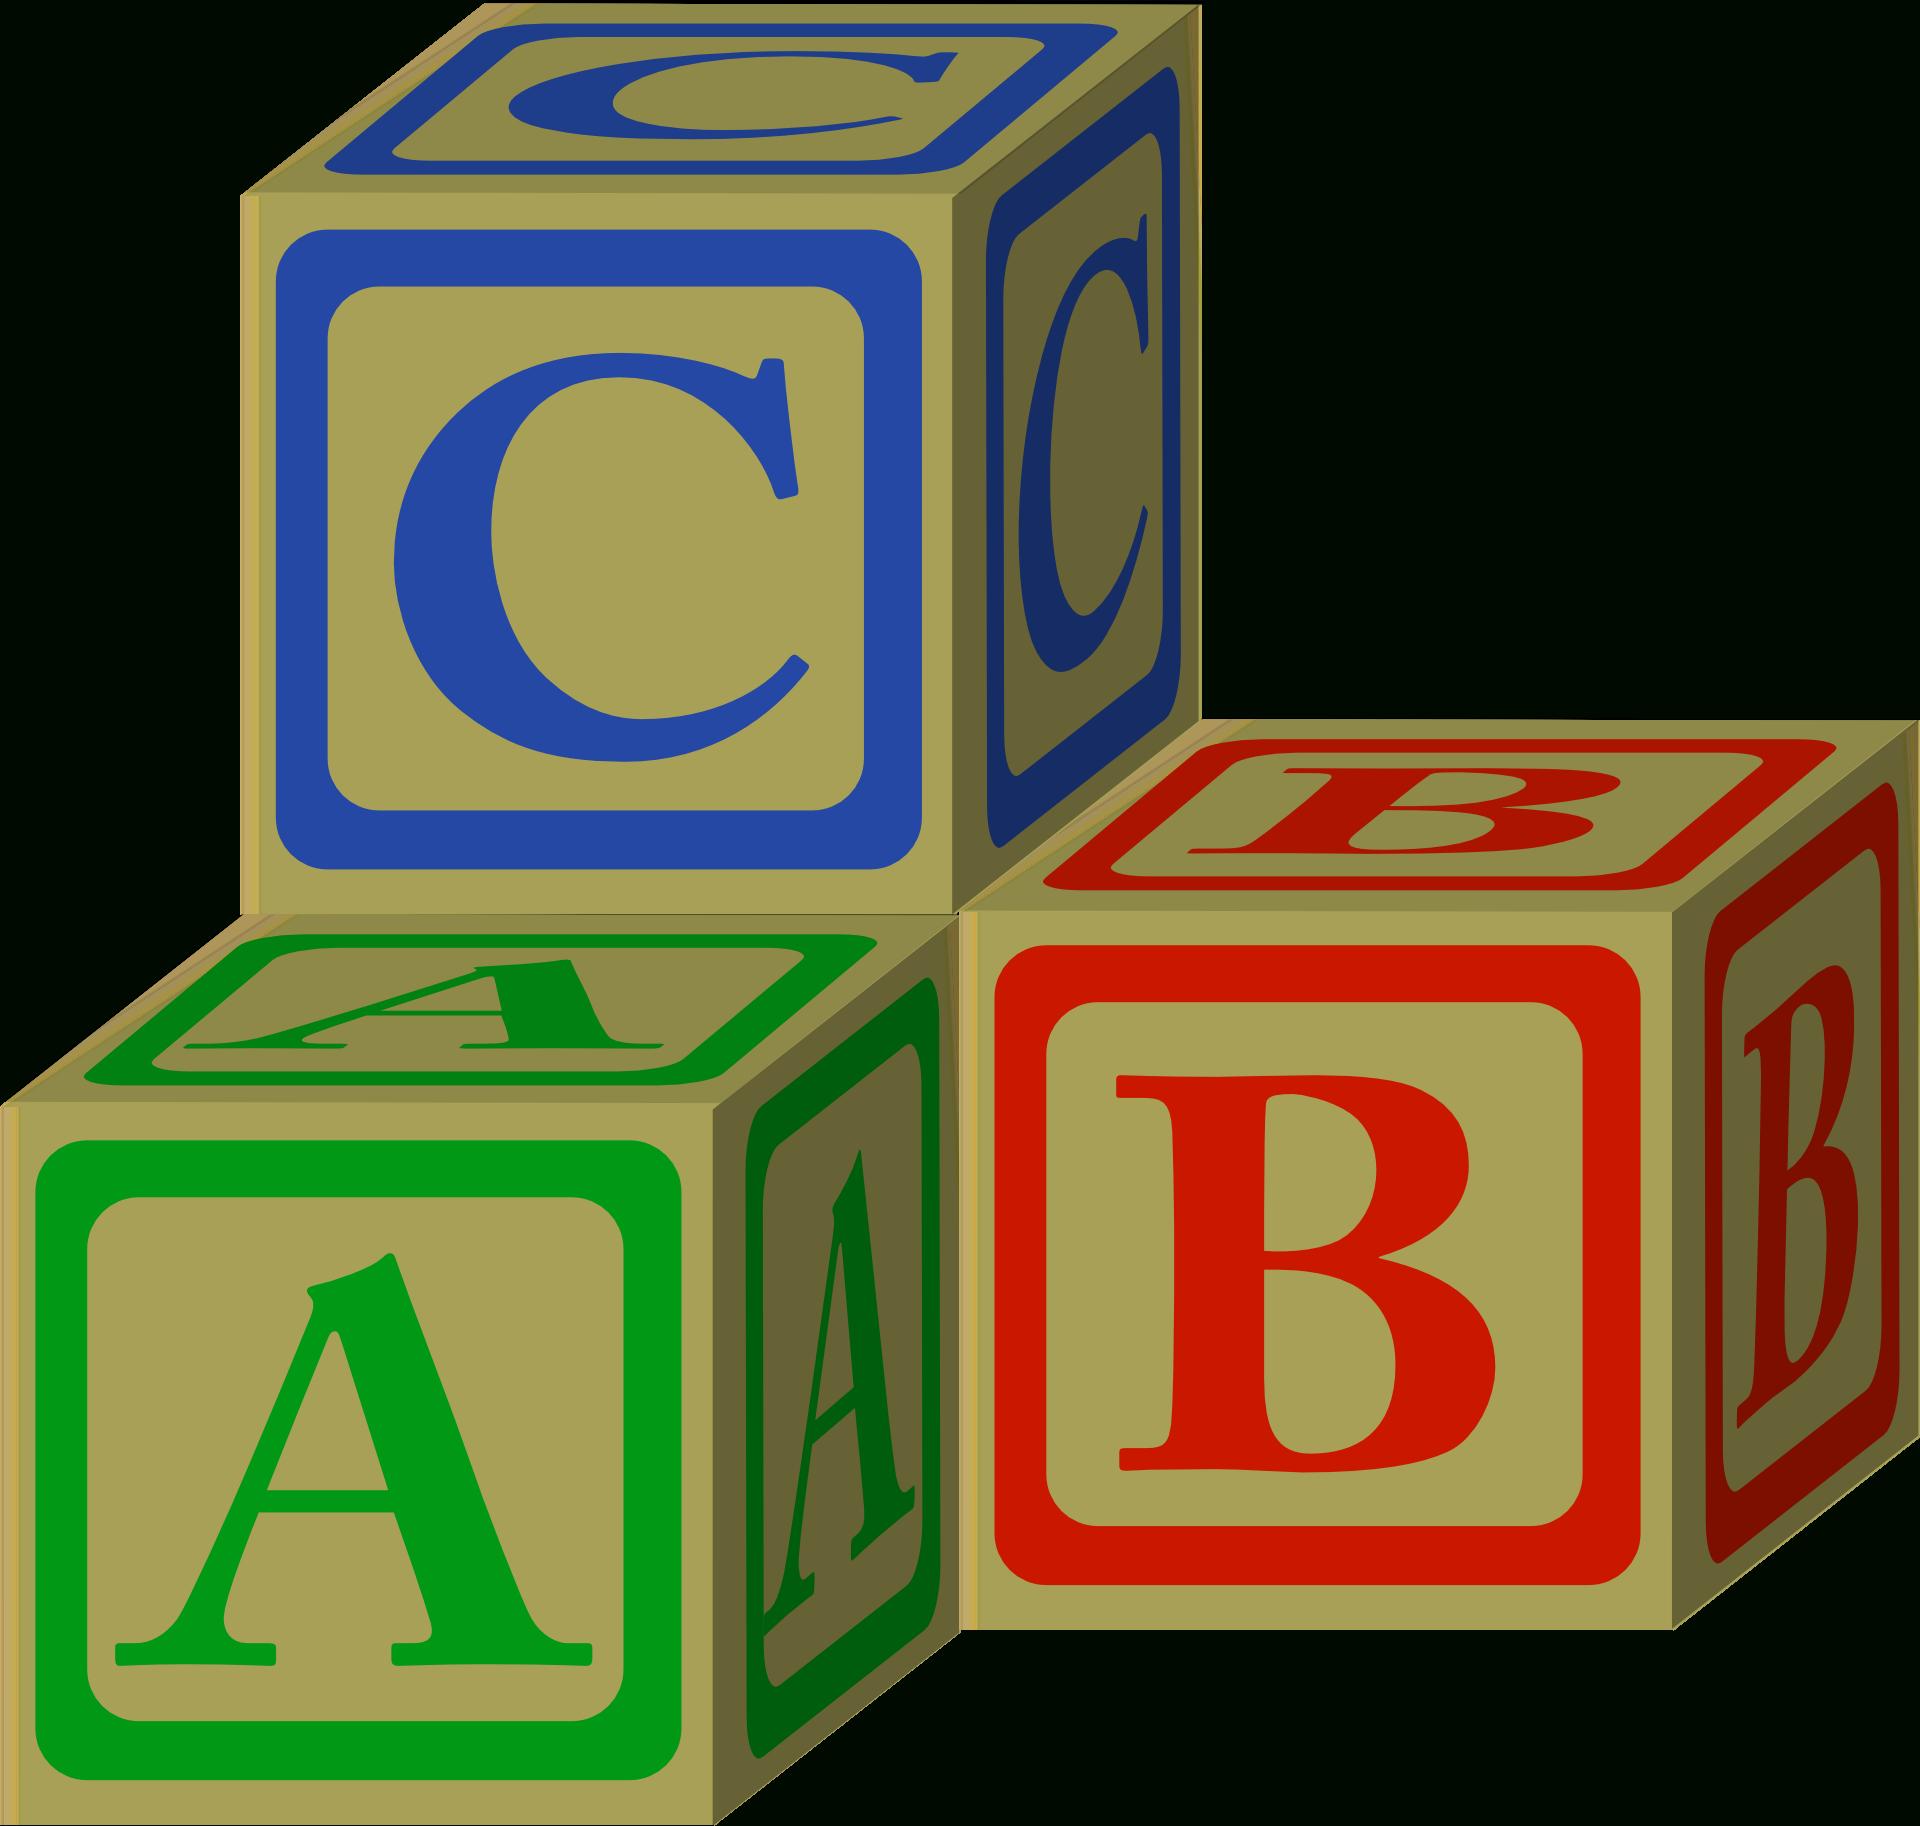 Das Deutsche Alphabet – Wie Viele Buchstaben Hat Das Abc? über Wie Viele Buchstaben Hat Das Deutsche Alphabet